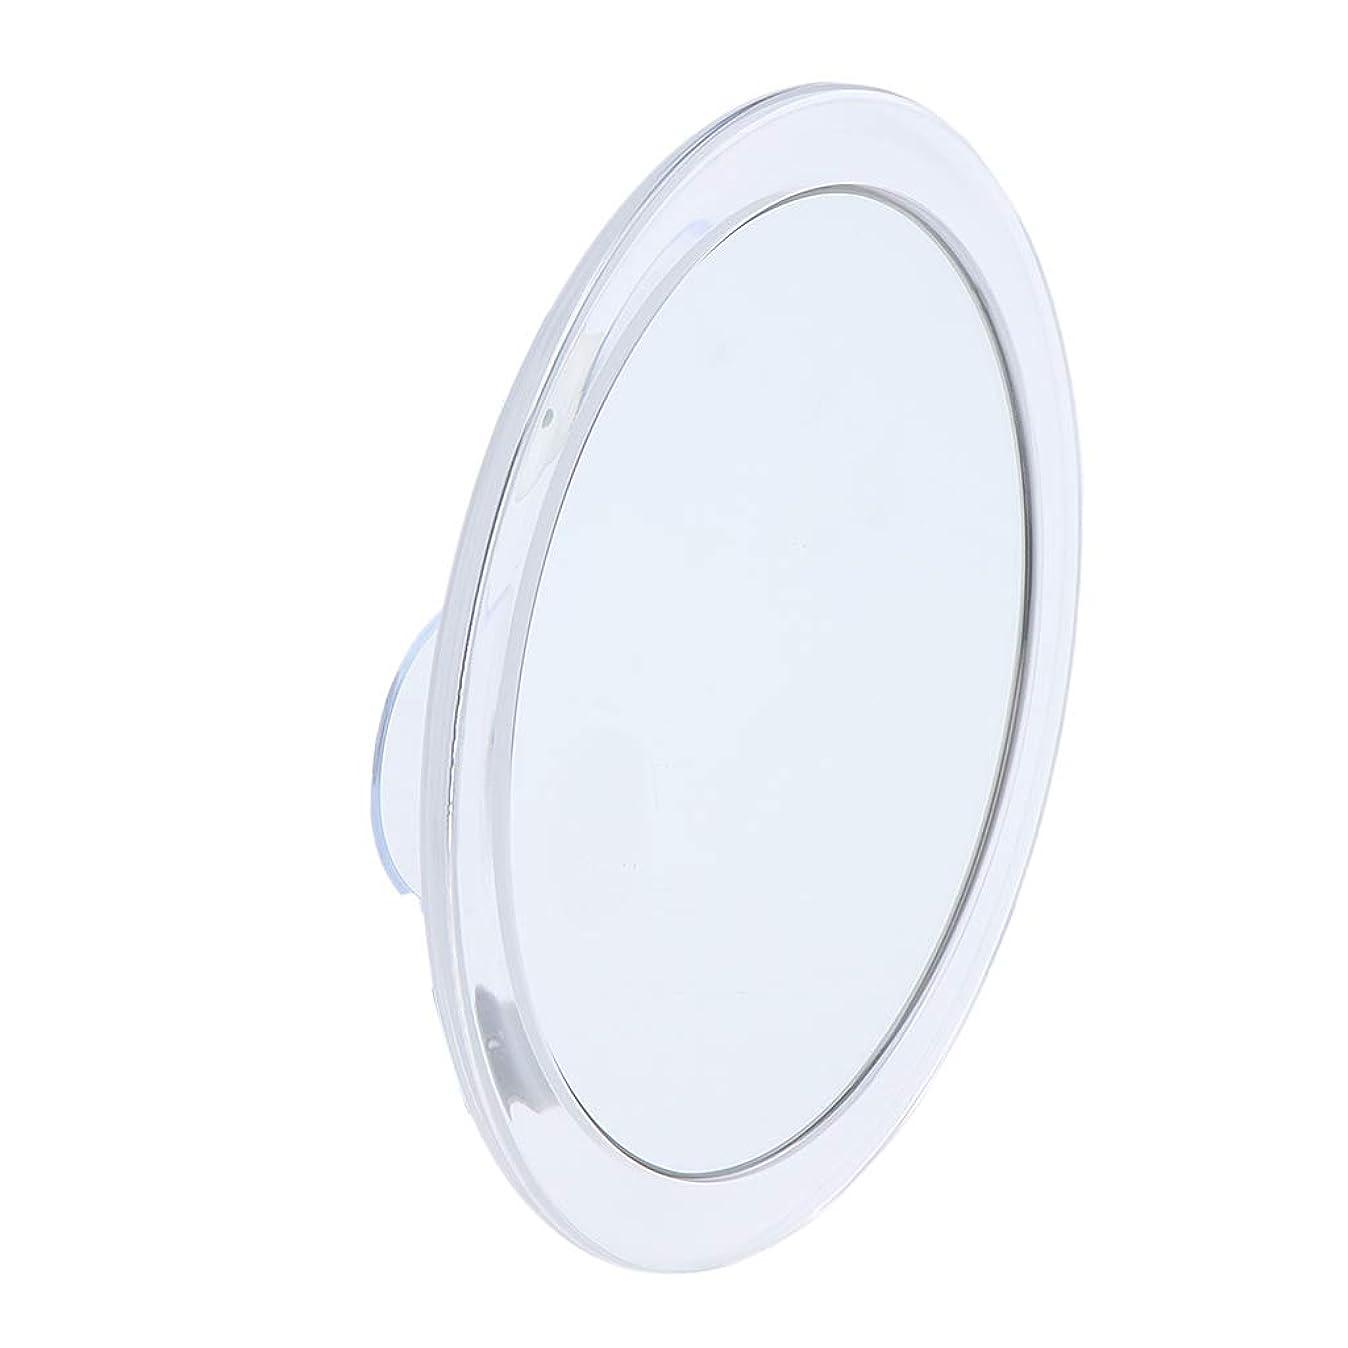 疑い者配分ビリーSM SunniMix サクションミラー メイクアップミラー 化粧鏡 5倍拡大鏡 ミラー メイク道具 ツール